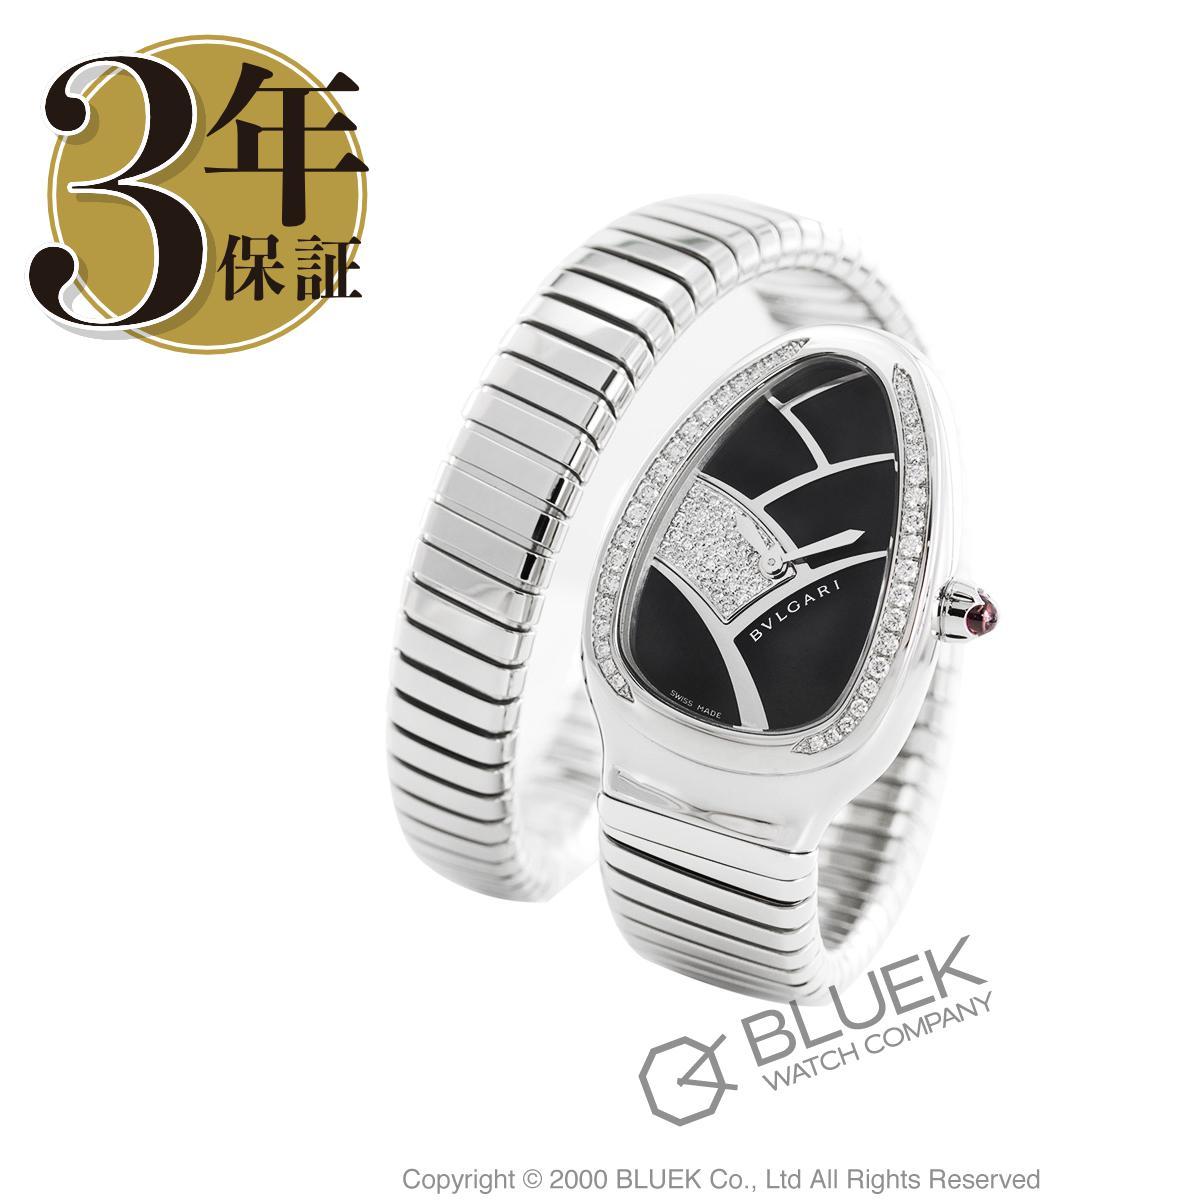 ブルガリ セルペンティ ダイヤ 腕時計 レディース BVLGARI SP35BD1SDS.1T.L_8